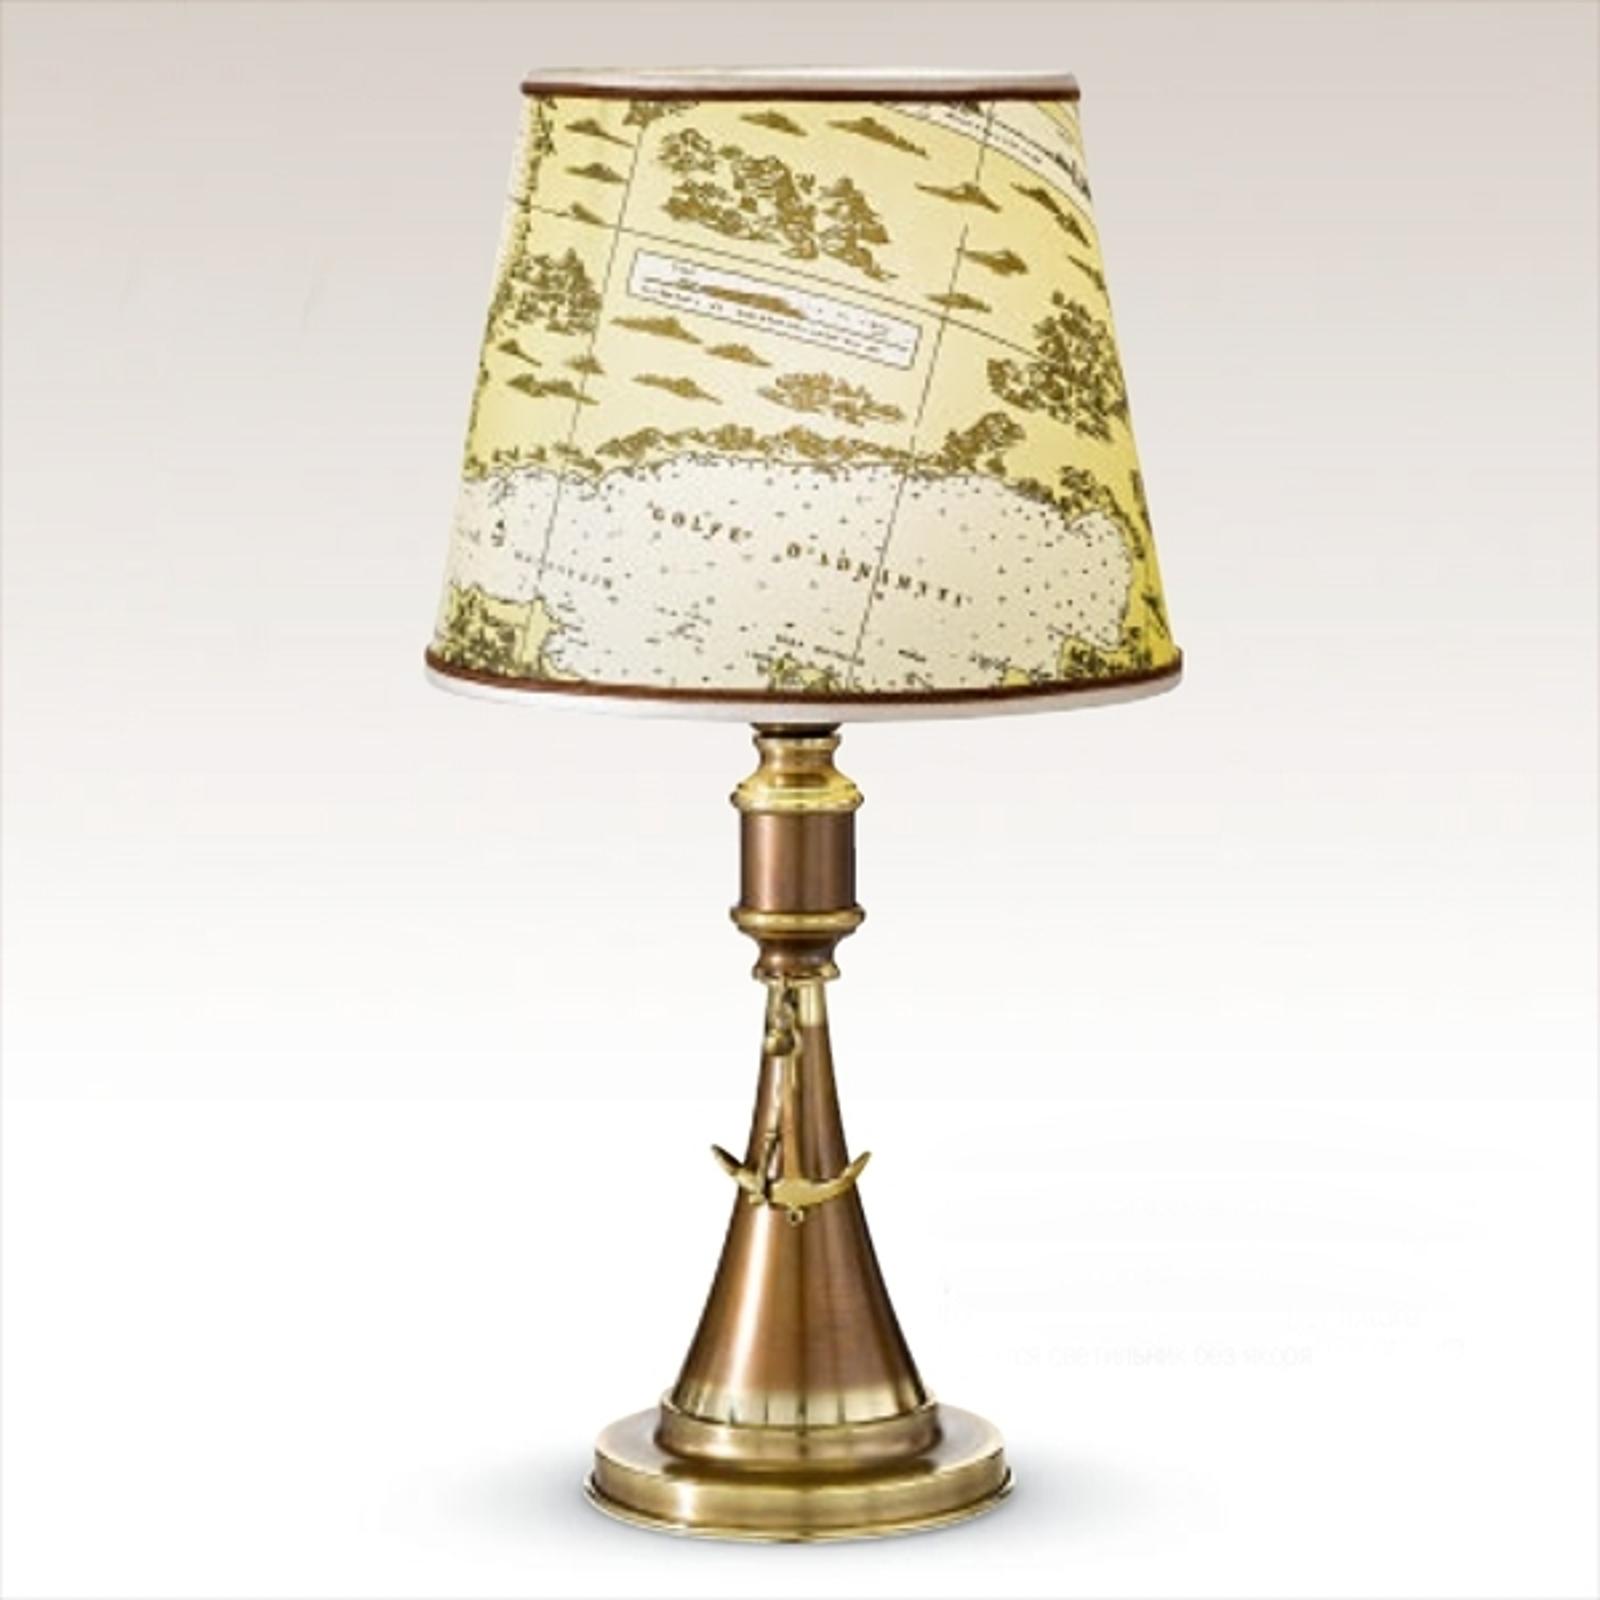 Lampada da tavolo Laguna, design marittimo 48 cm